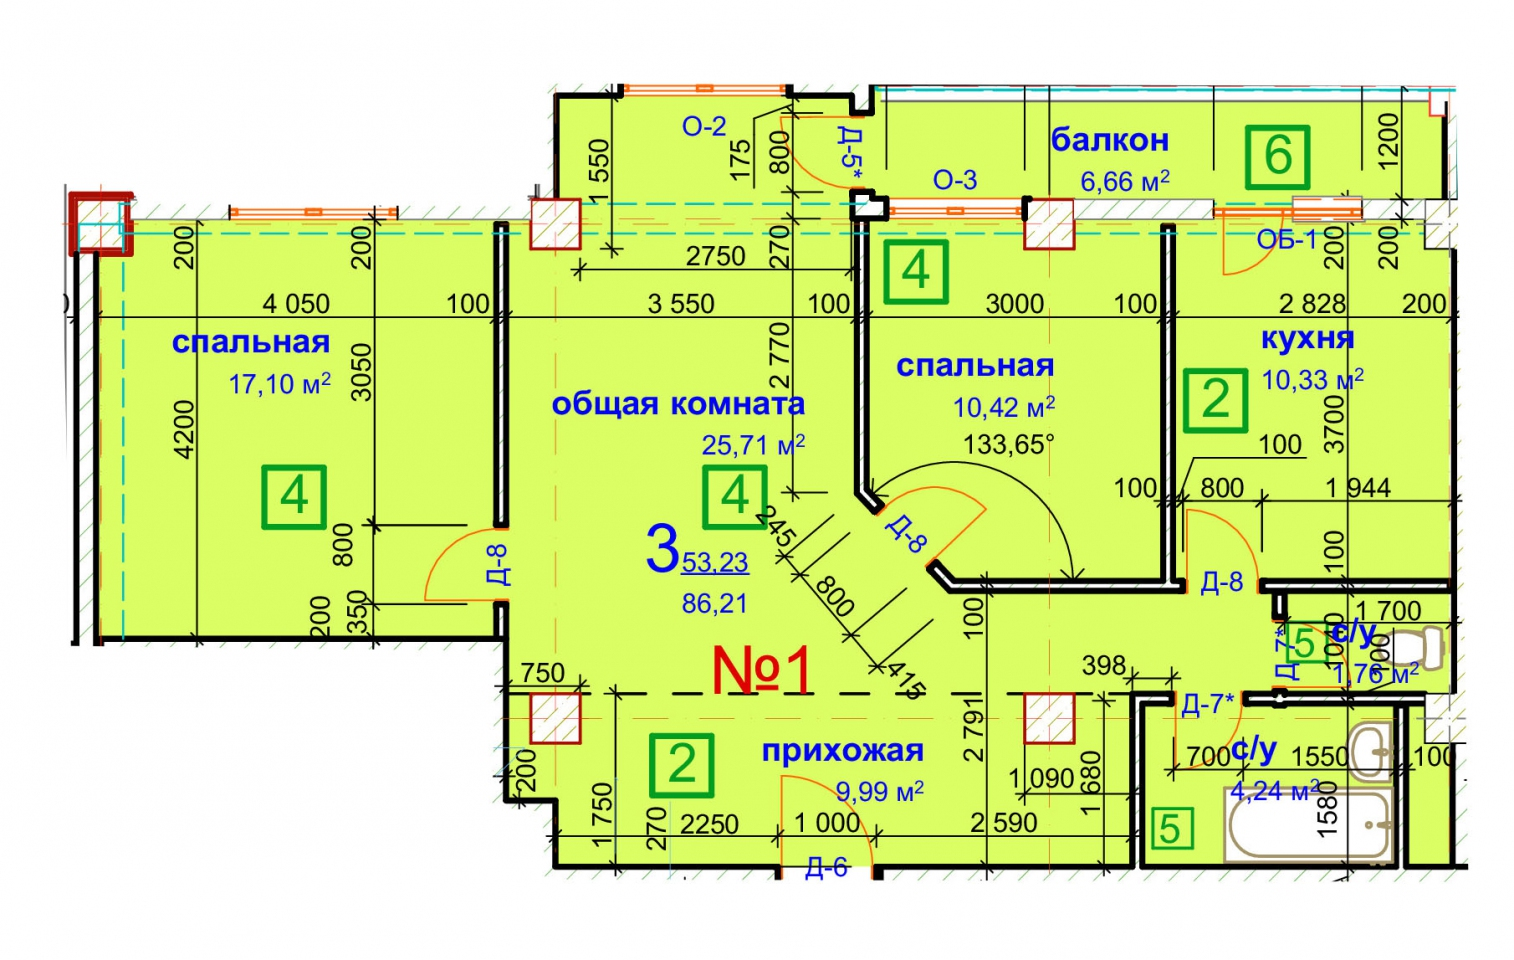 Планировка квартиры №22